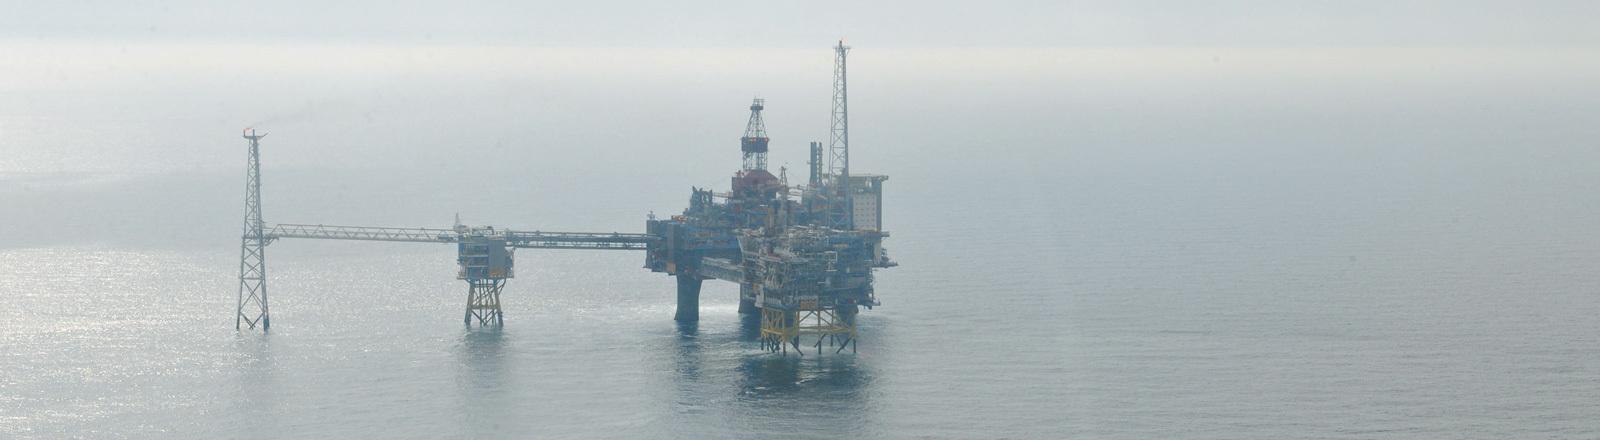 Die Gasplattform Sleipner, aufgenommen am Donnerstag (04.08.2011) in der Nordsee vor Norwegen.